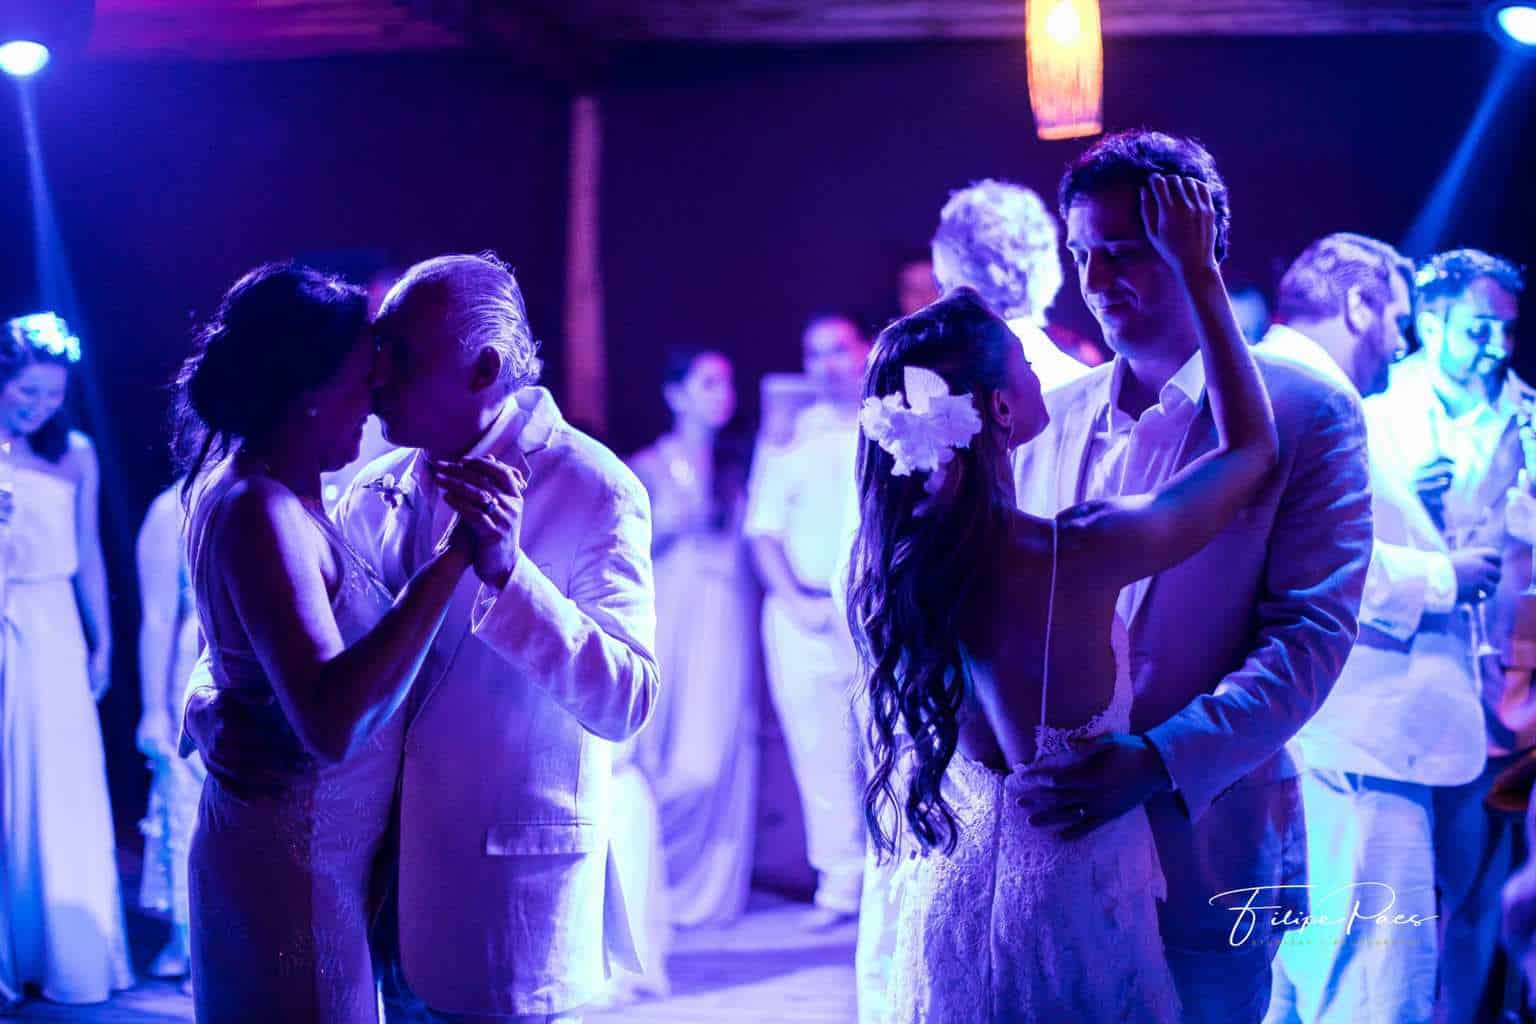 casamento-ao-ar-livre-casamento-de-dia-casamento-Maira-e-Erick-casamento-na-praia-dança-dos-noivos-festa-Fotografia-Filipe-Paes-Studio-47-Luaia-Cabanas-Maresias-São-Paulo-34-1